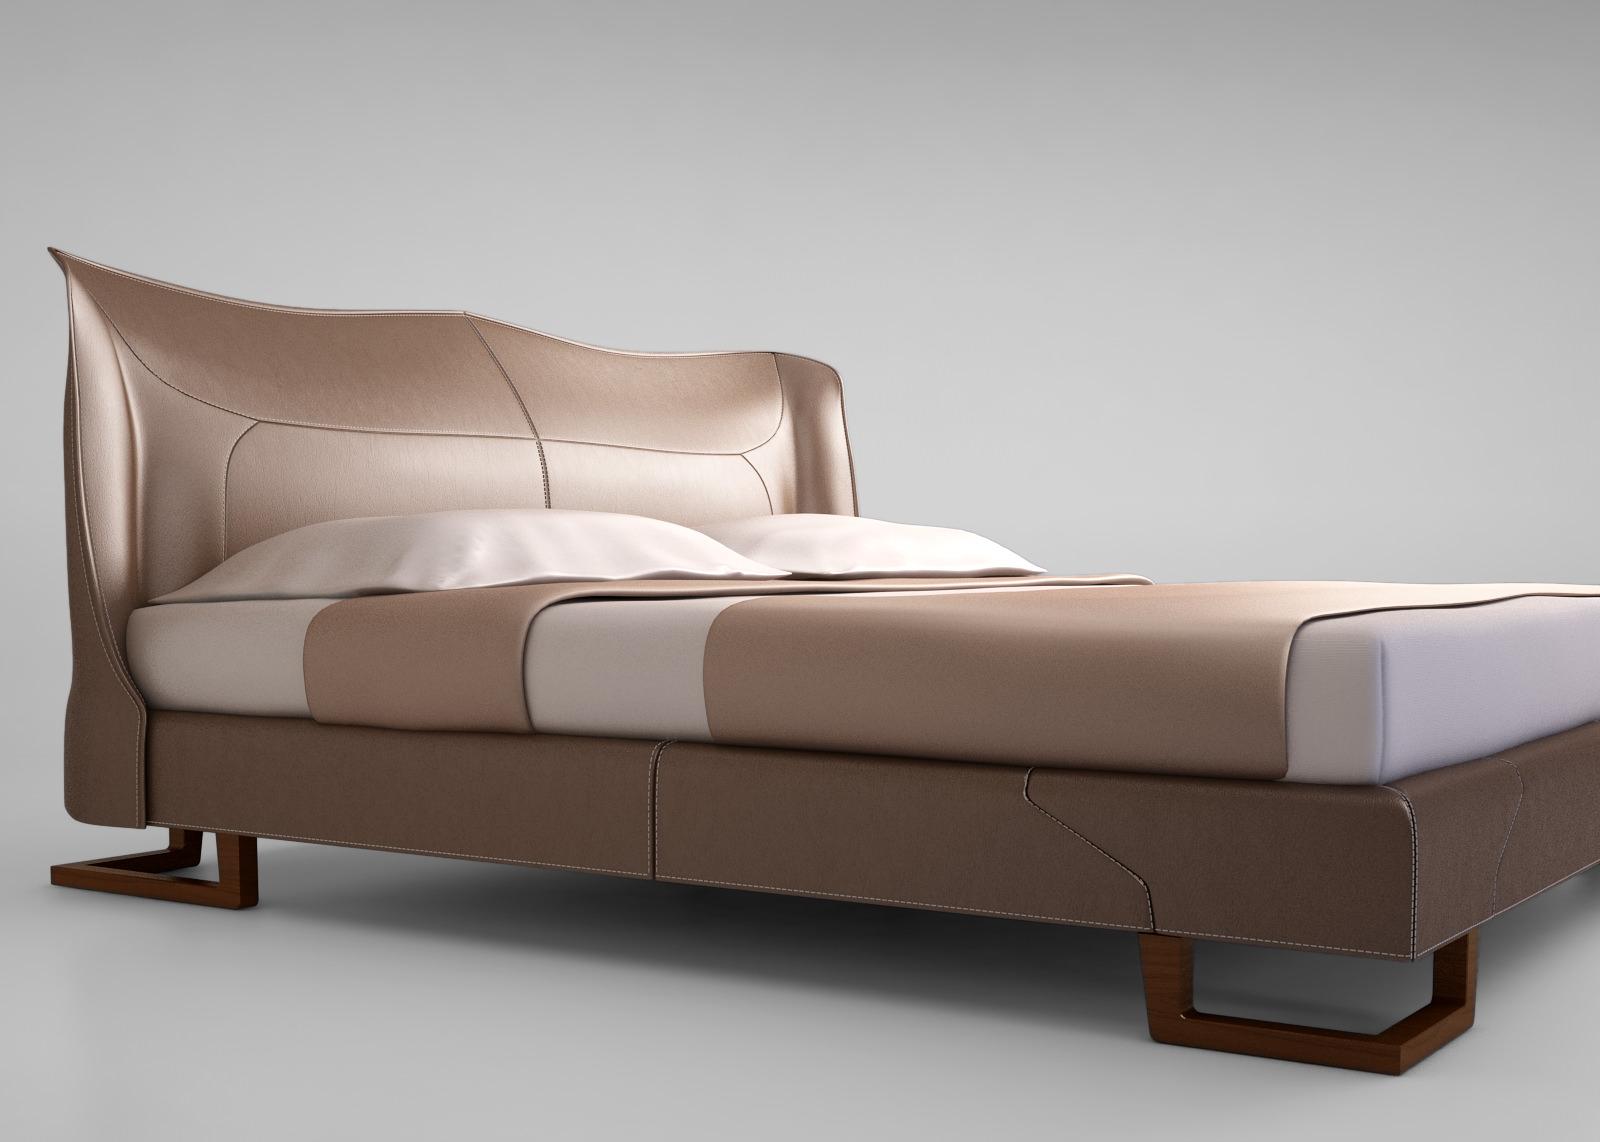 Giorgetti Corium Bed 3d Model Max Obj Mtl Cgtrader Com